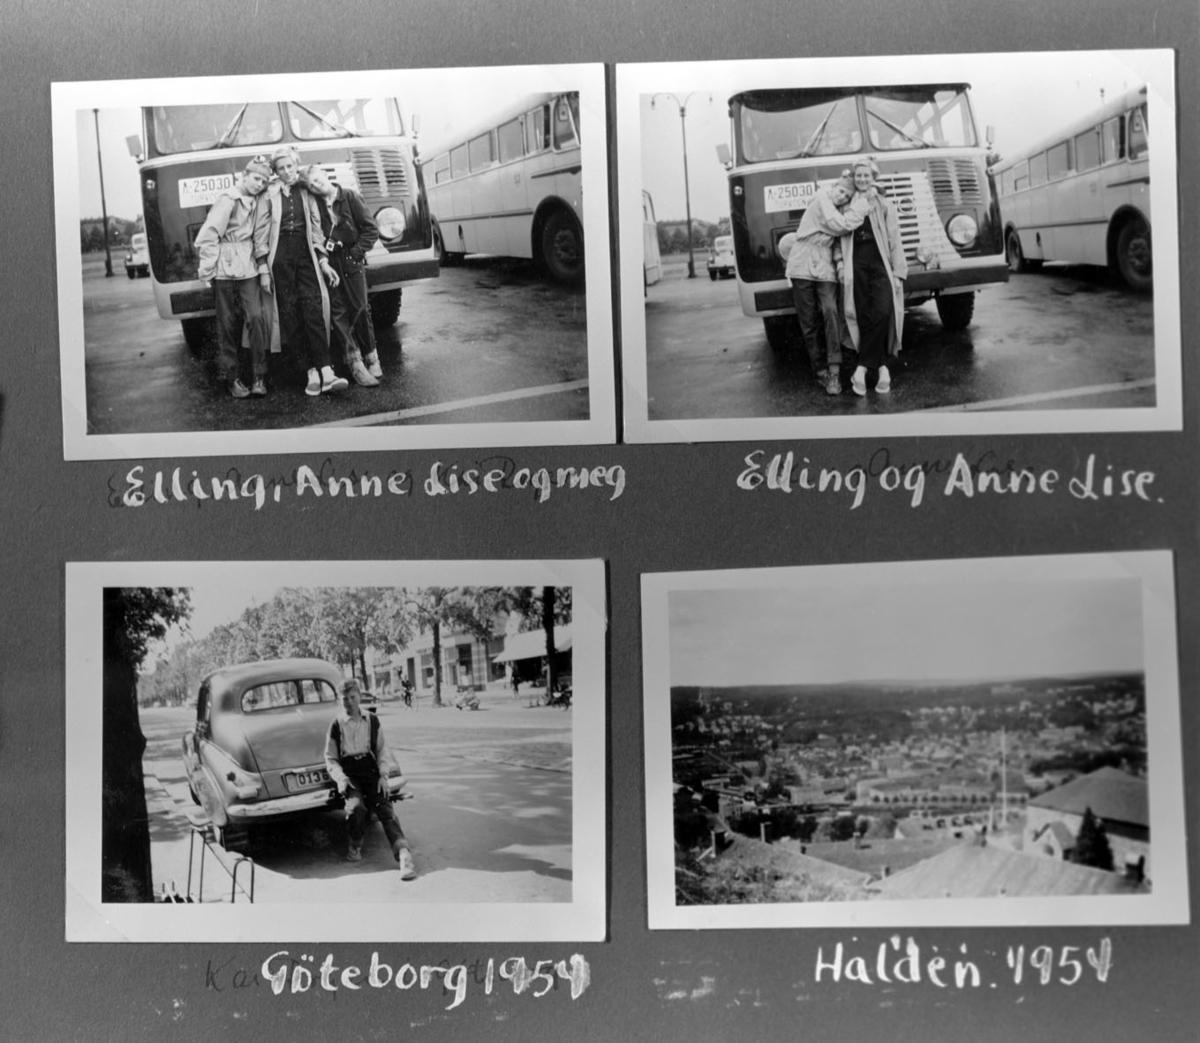 Fire bilder fra en busstur til Halden og Gøteborg i 1954